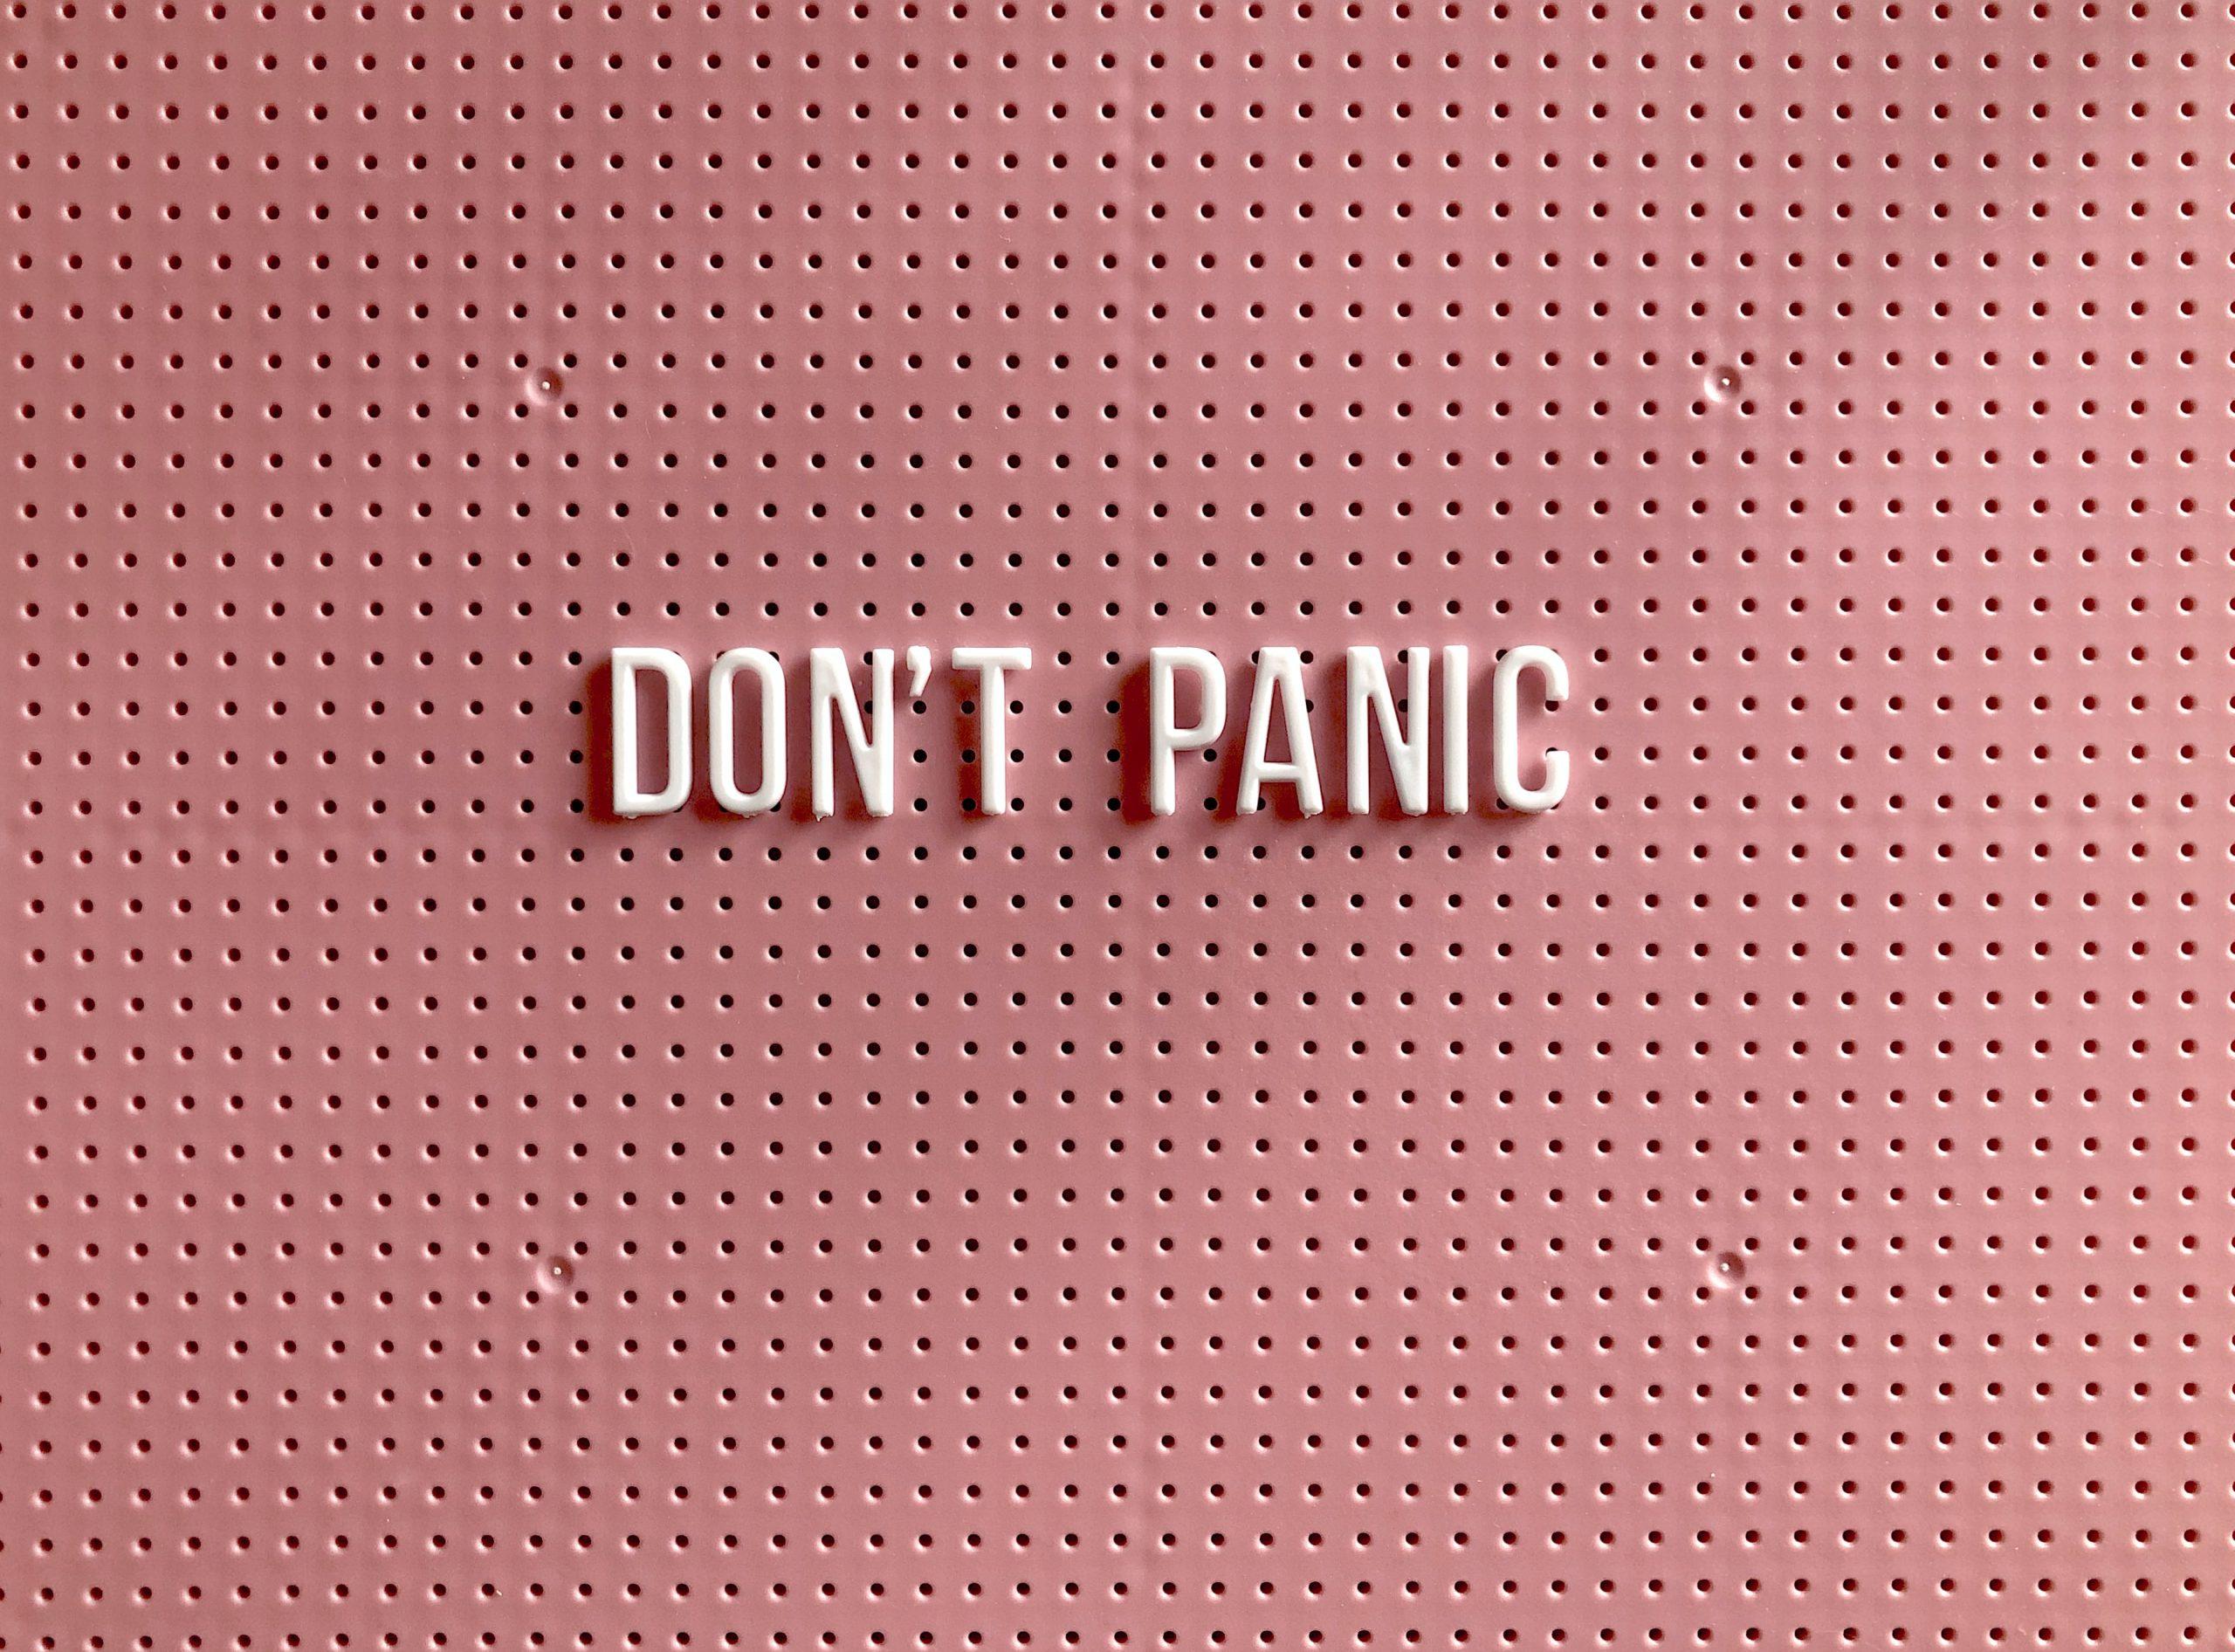 Rosa bakgrund med orden Don't panic i vita bokstäver